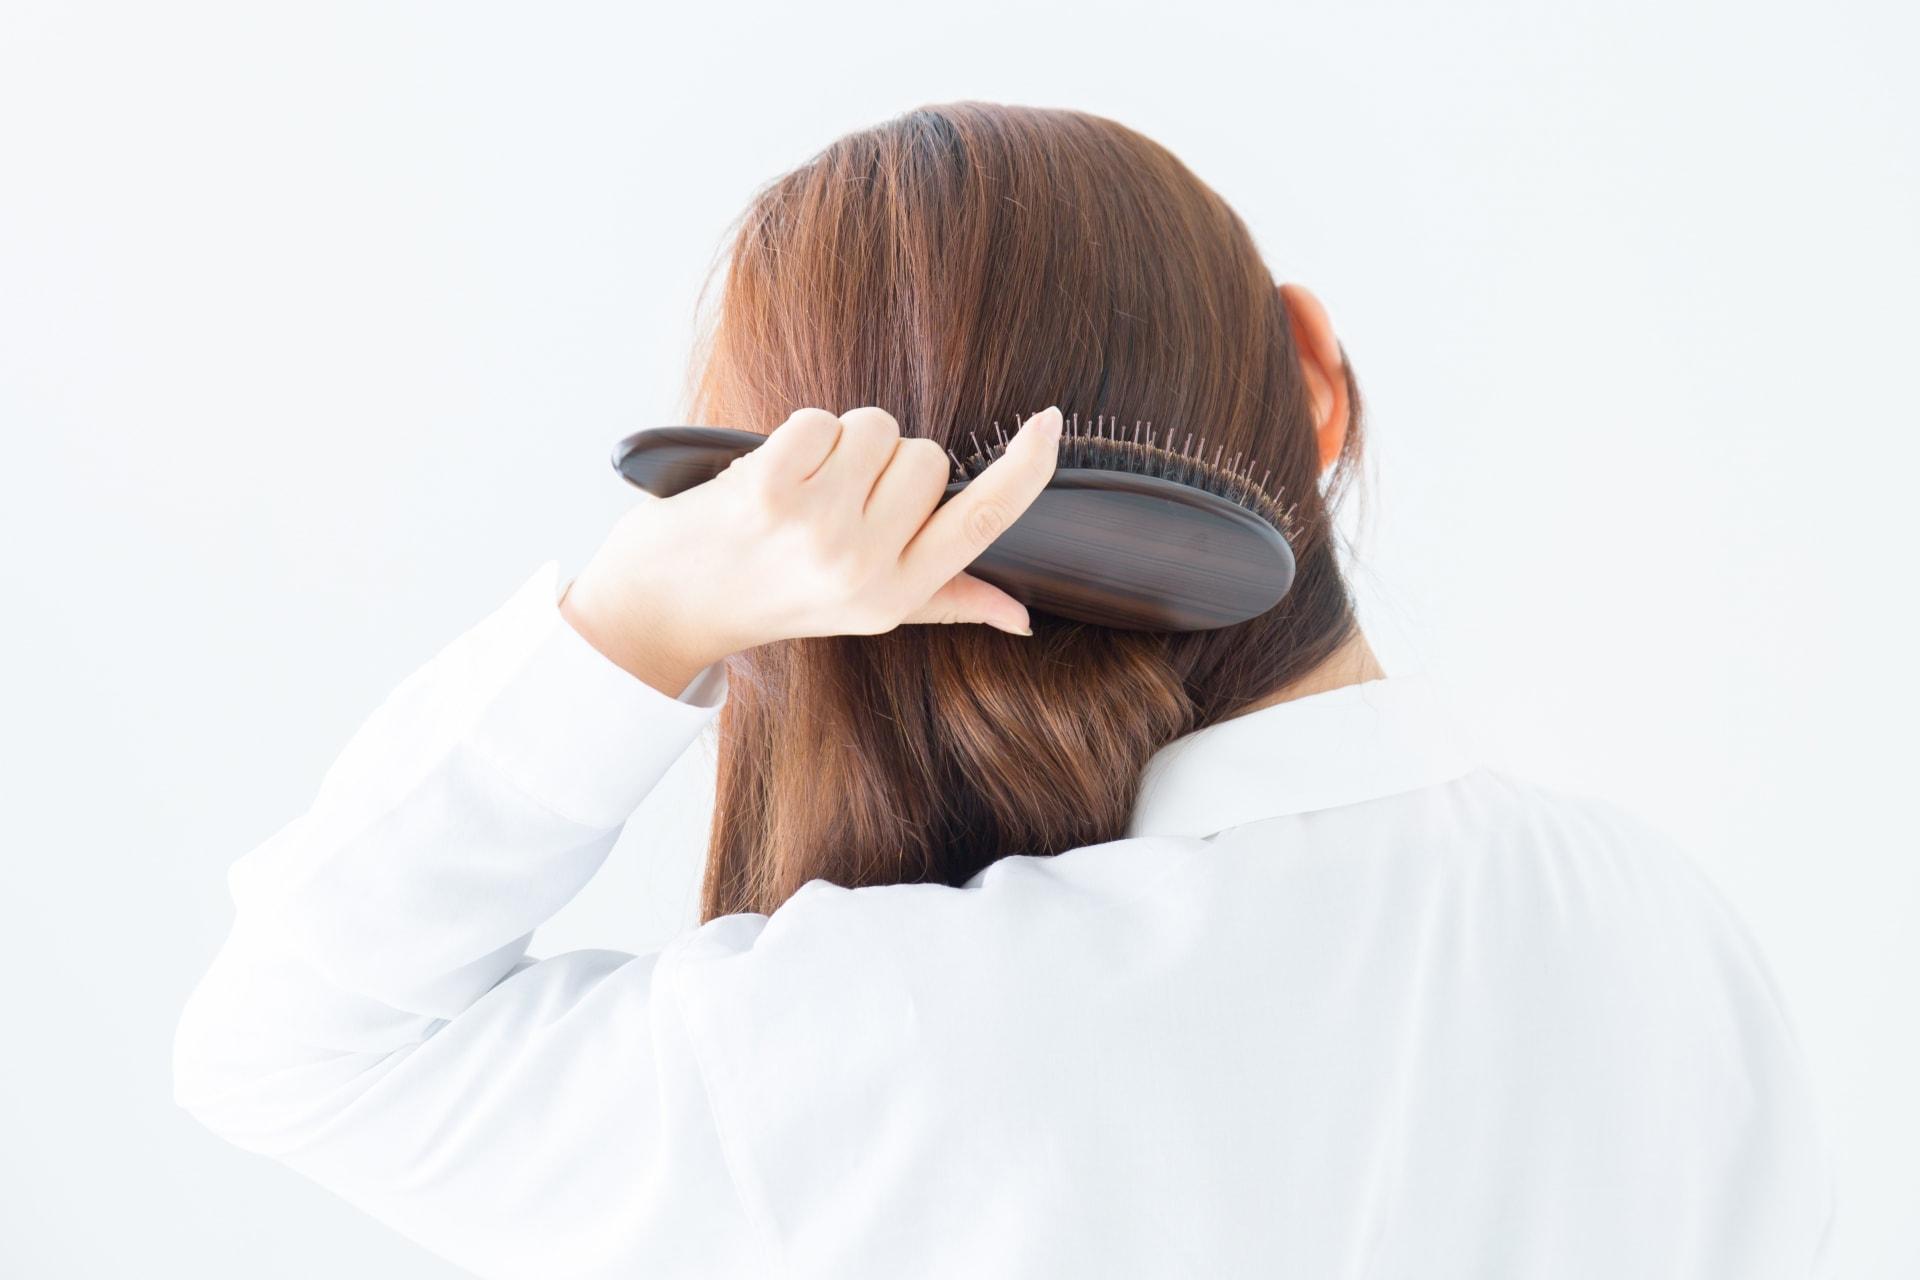 【薄毛の原因】女性の薄毛の原因「脂漏性脱毛症」とは